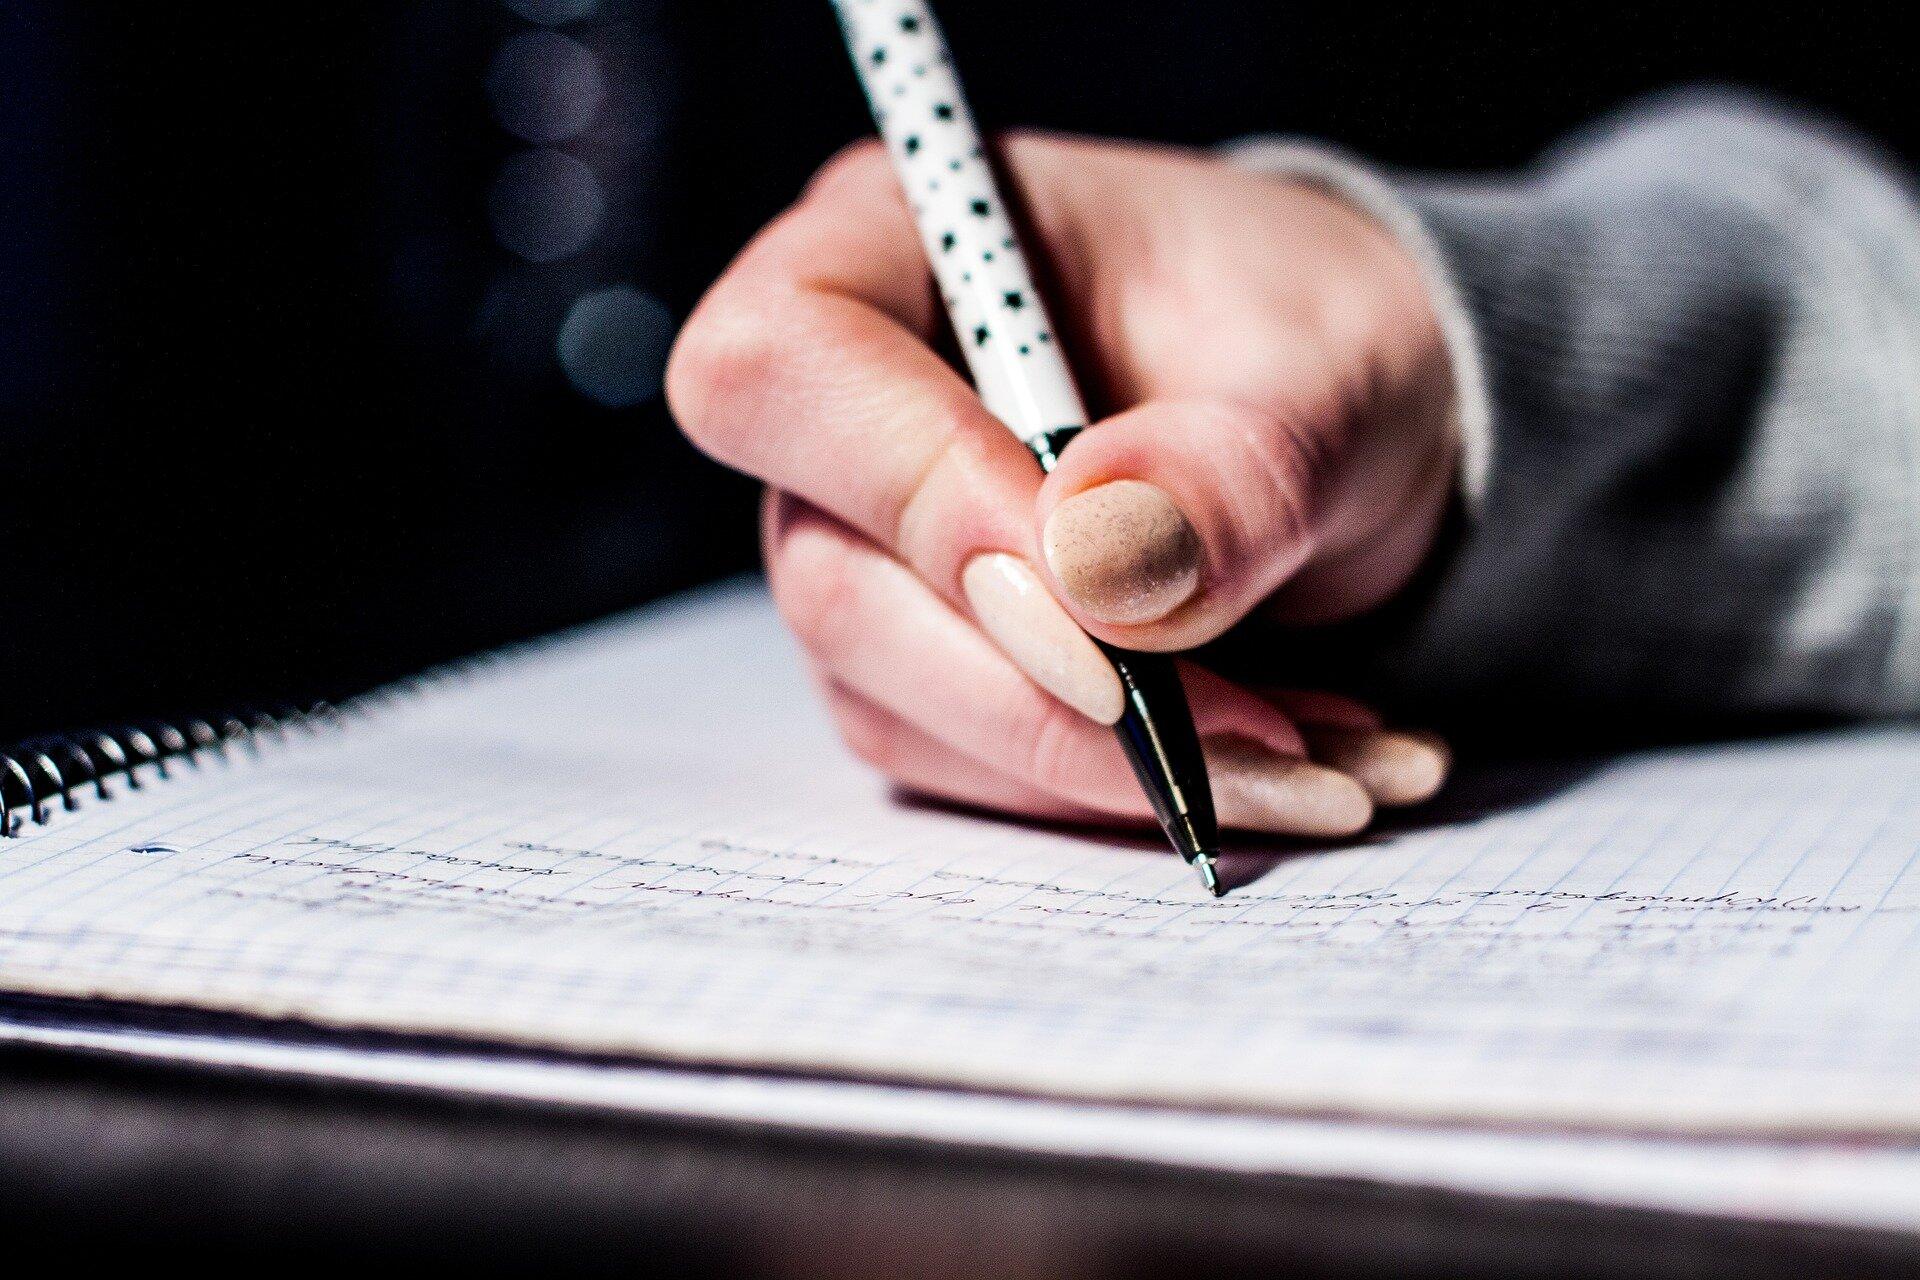 Okładka - kto pisze dziennik Źródło: pixabay, licencja: CC 0.